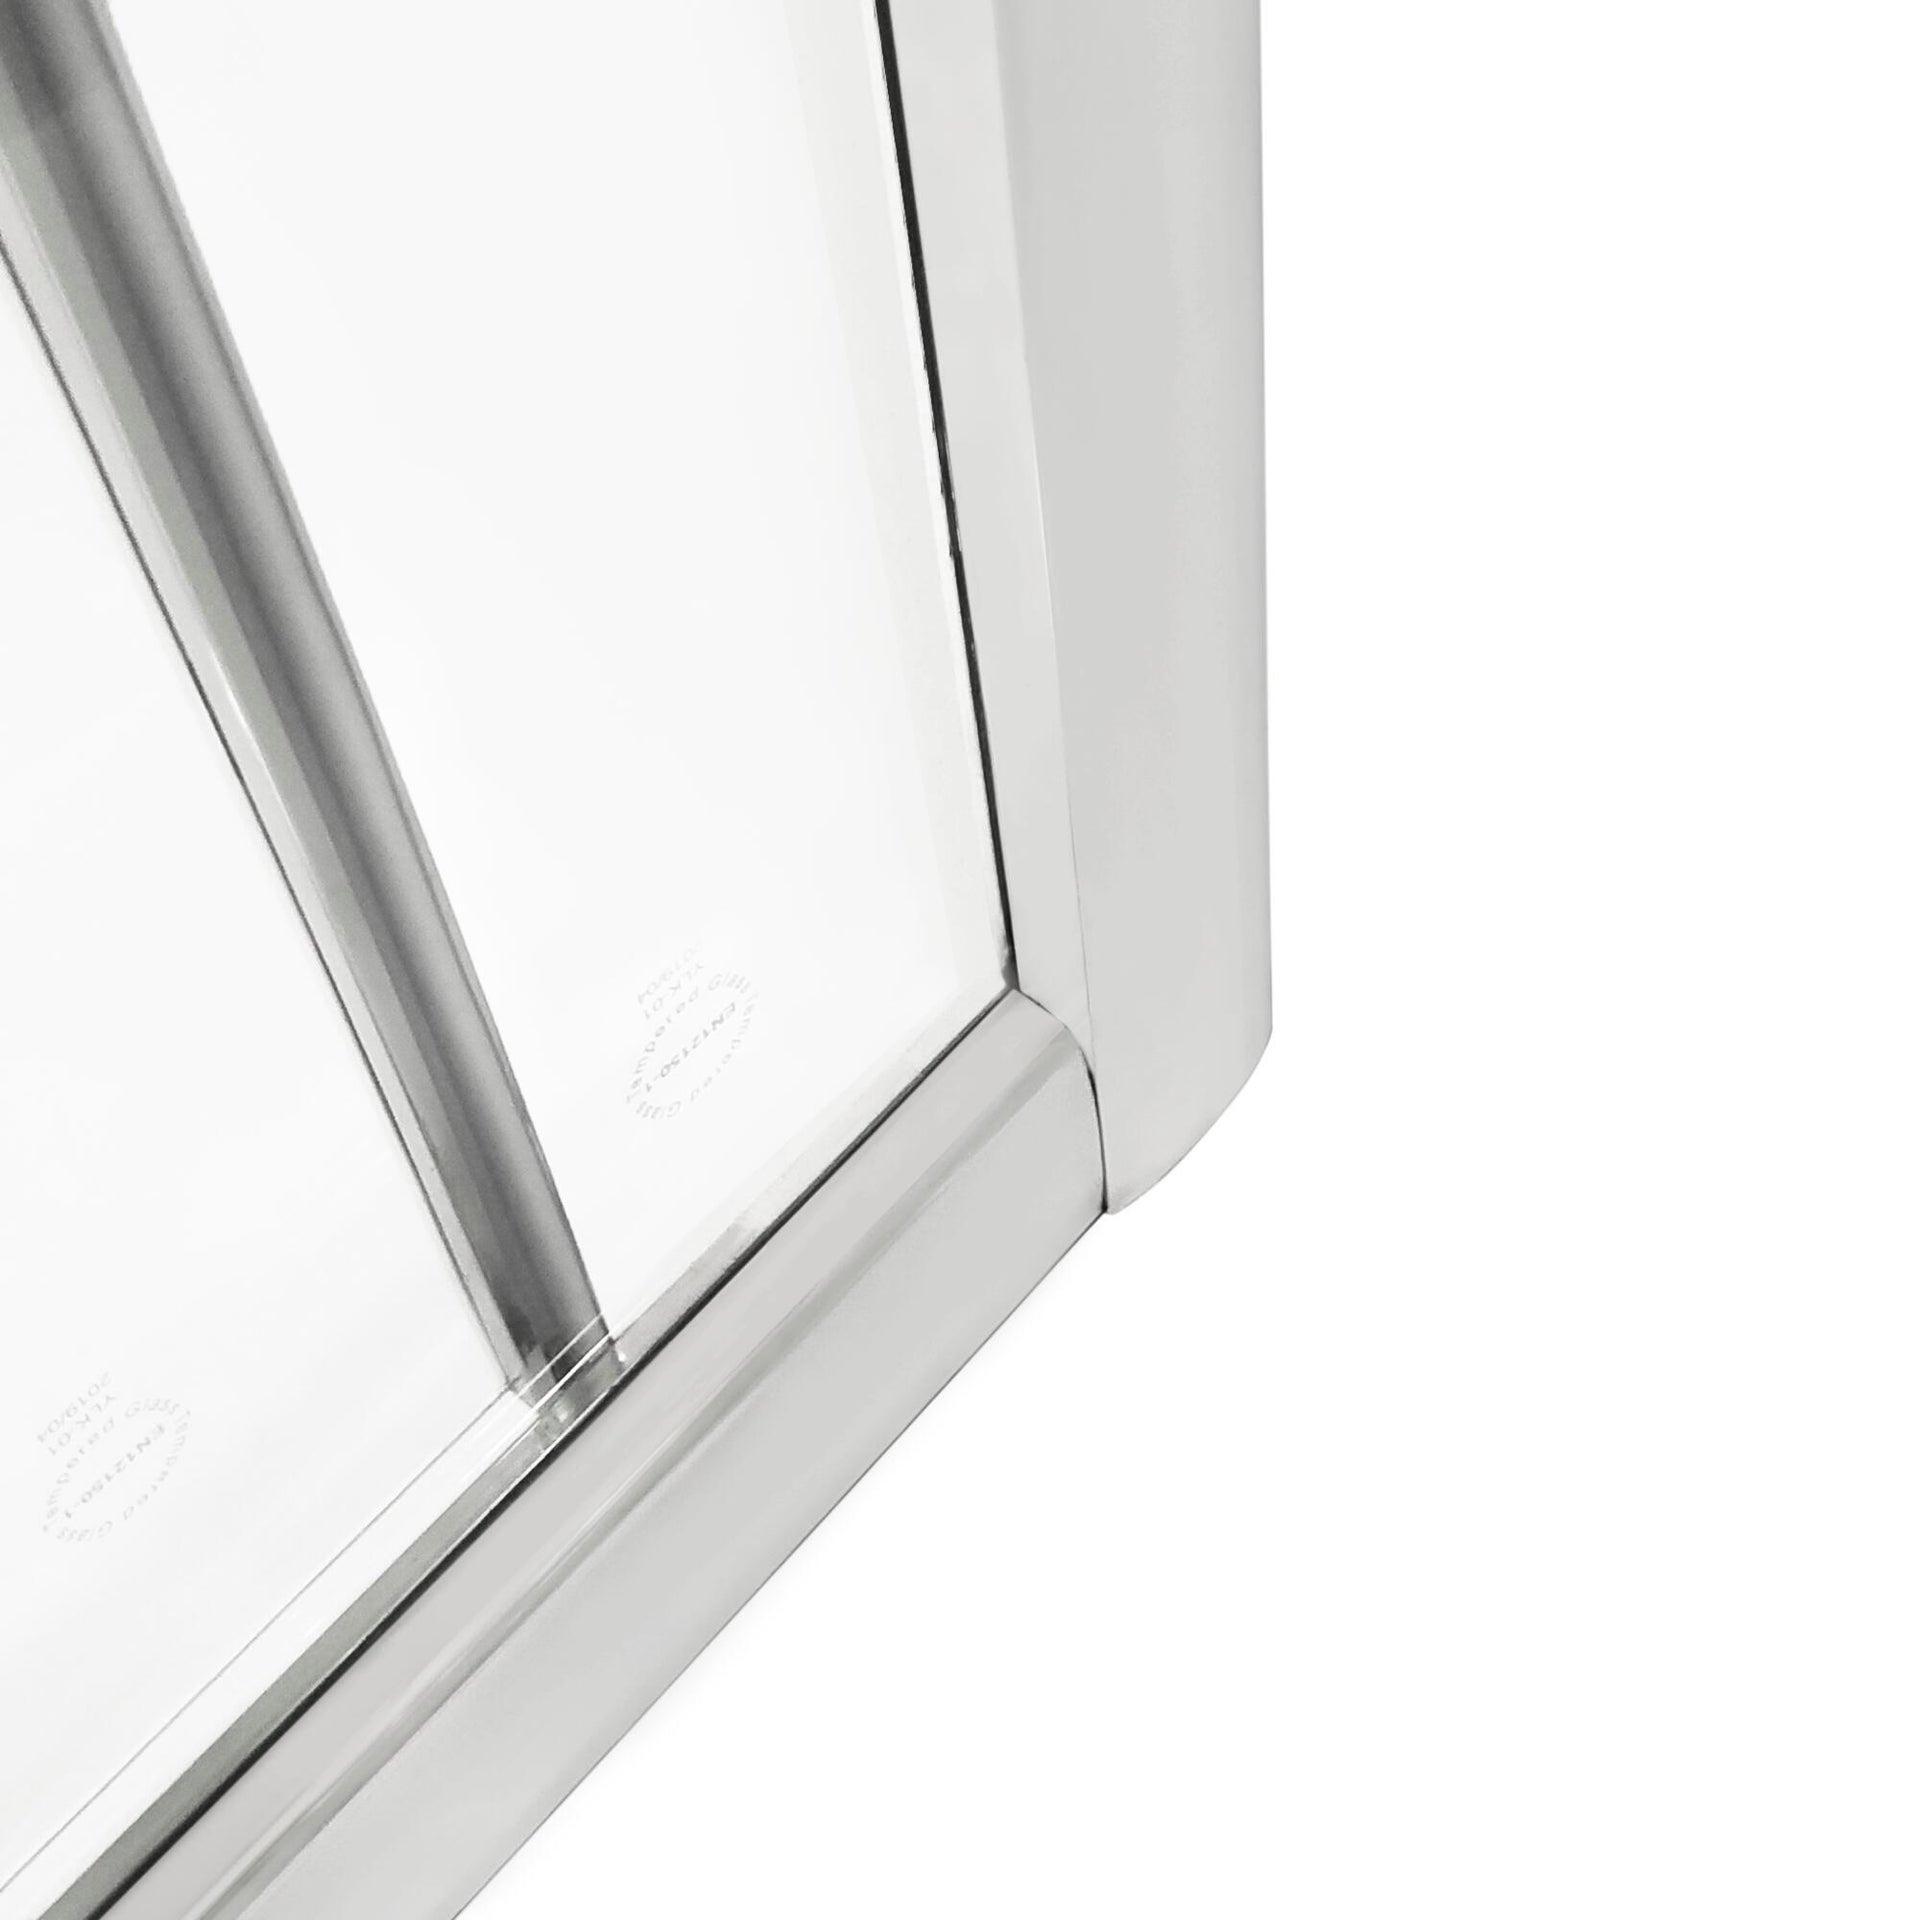 Box doccia rettangolare scorrevole Essential 70 x 100 cm, H 185 cm in vetro temprato, spessore 4 mm trasparente cromato - 6